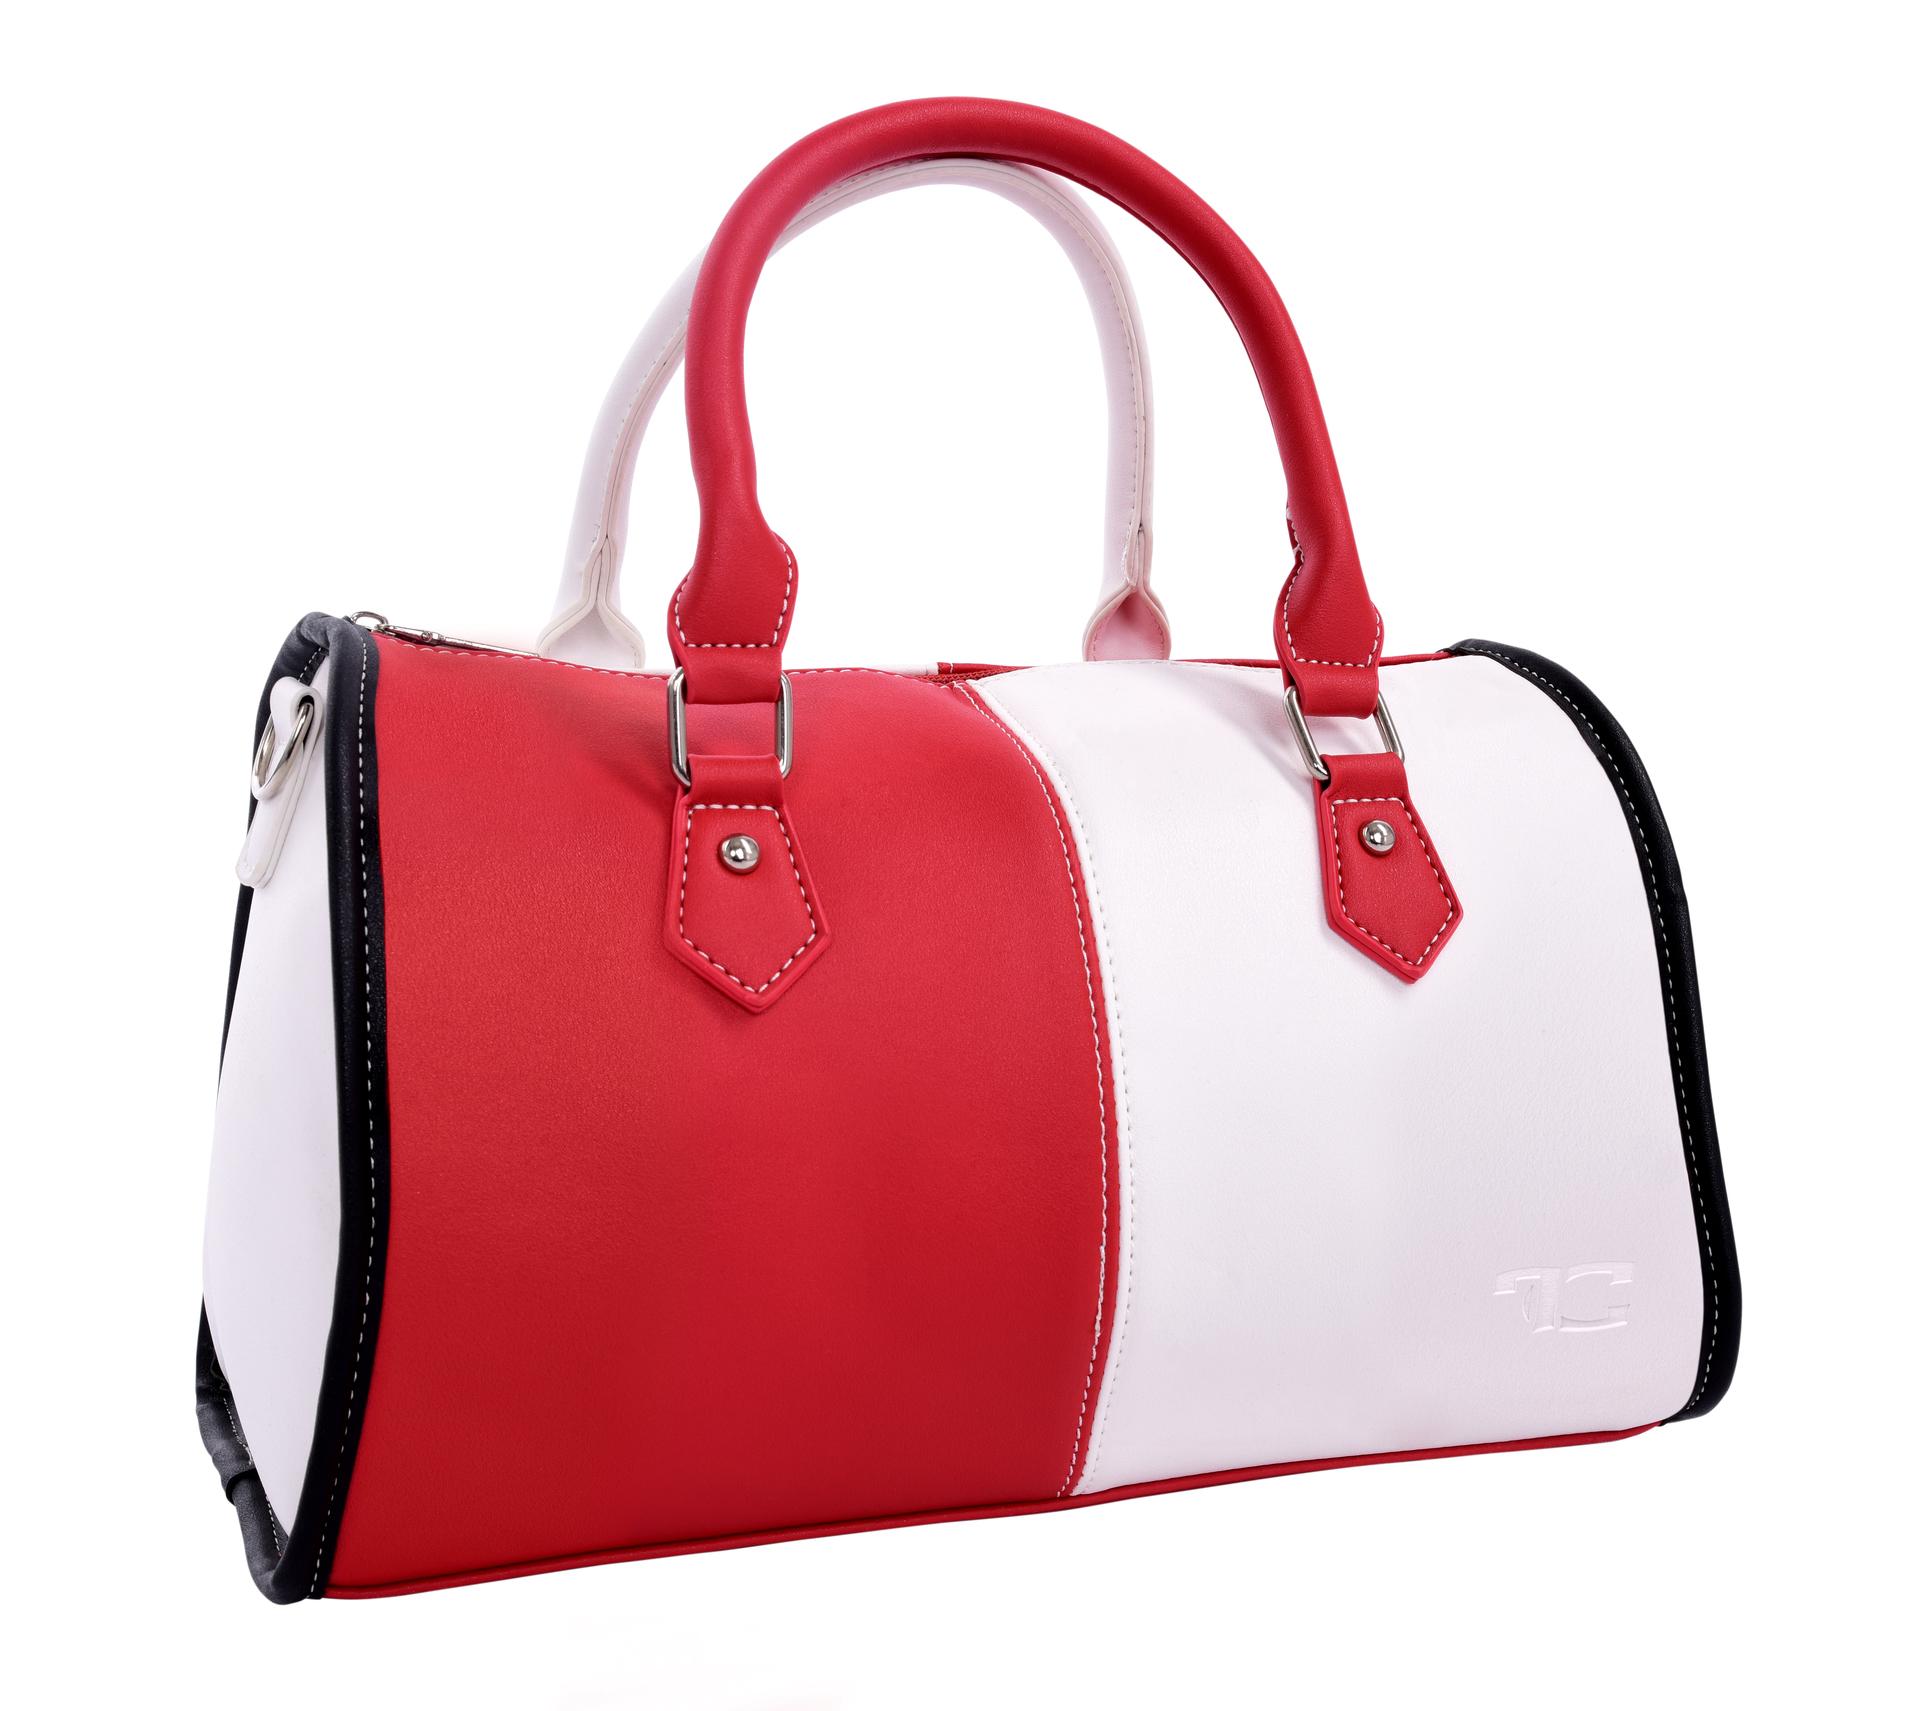 MYSTIQUE kabelka z ekokůže červeno-bílá